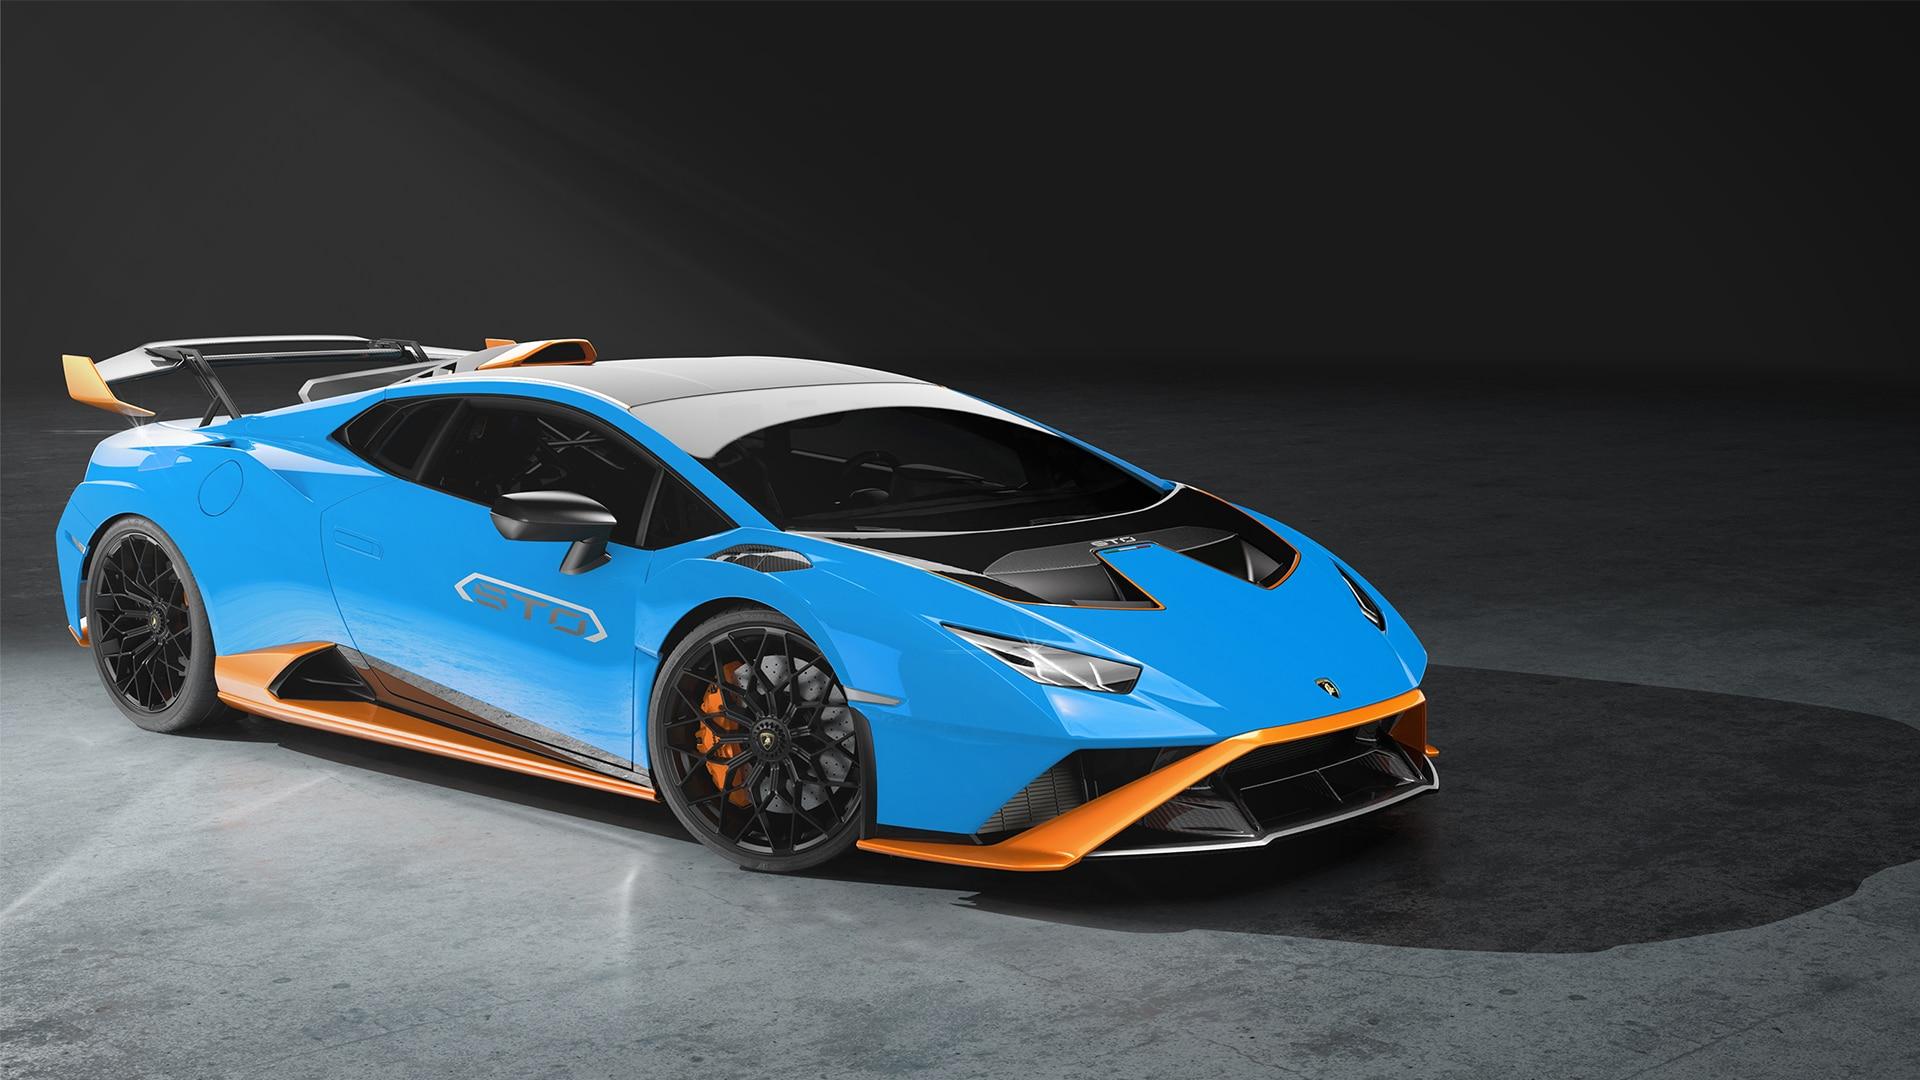 Lamborghini Sedan 2020 - How Much Does A Lamborghini ...